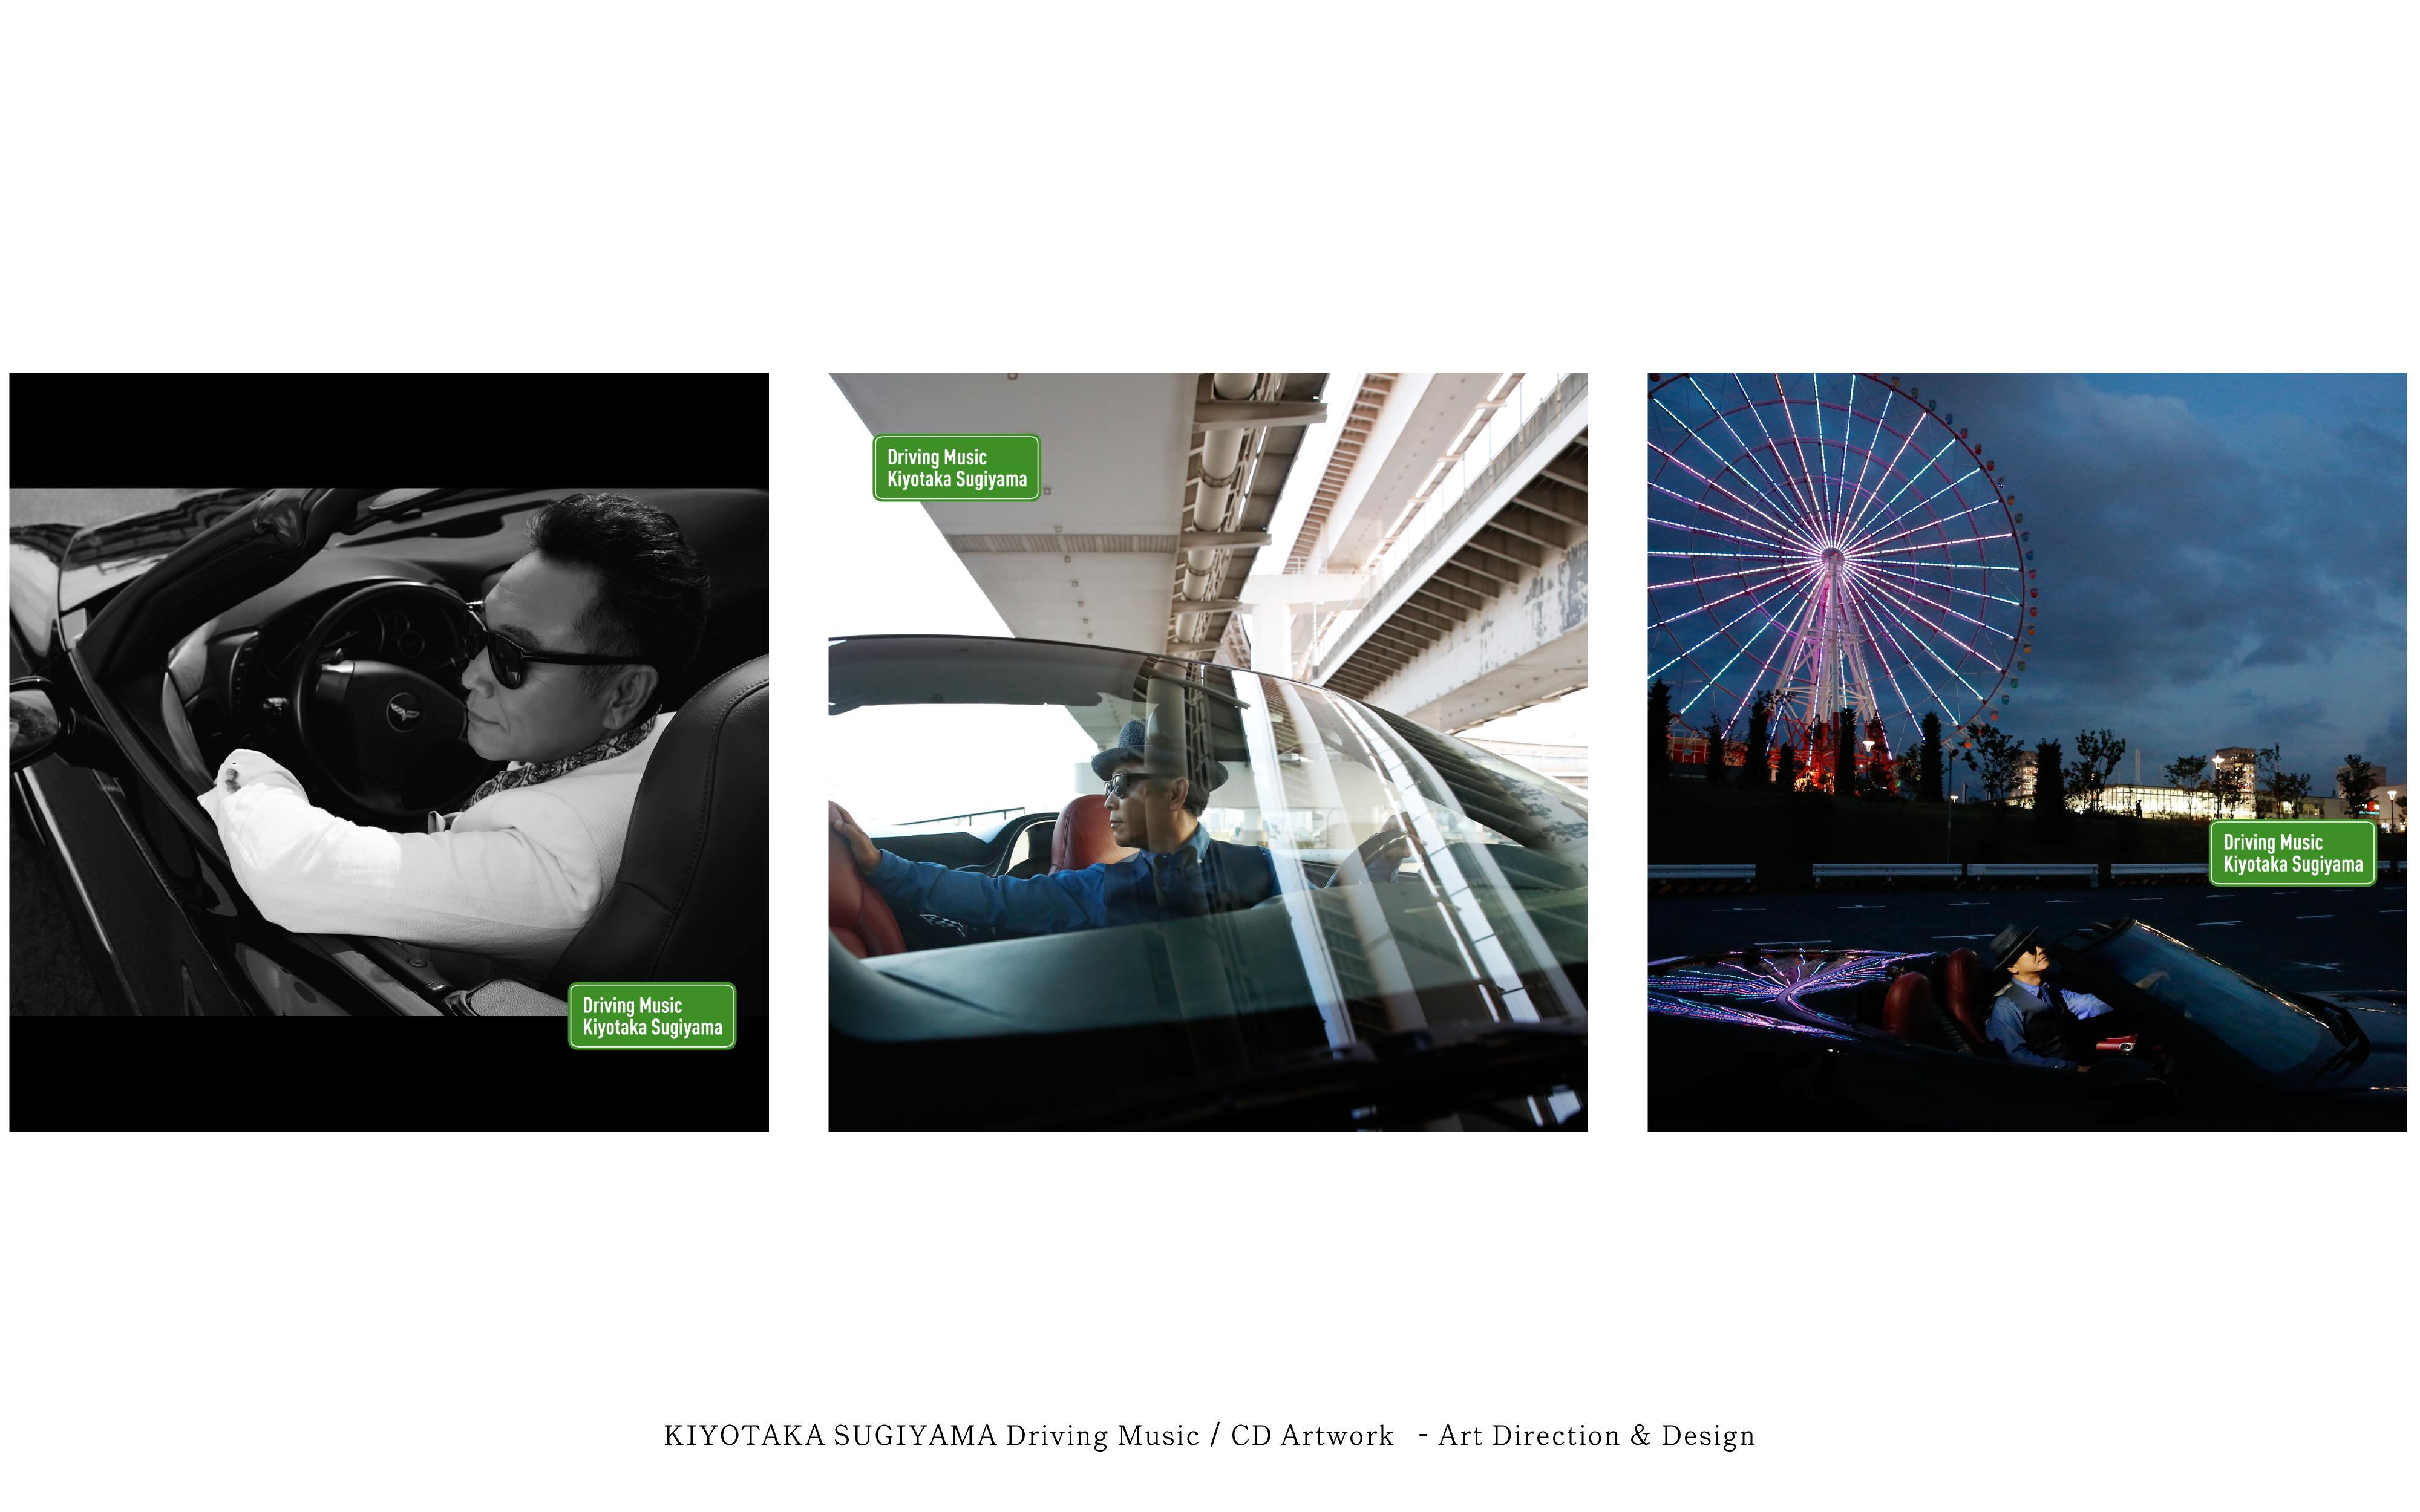 杉山清貴 Driving Music Design